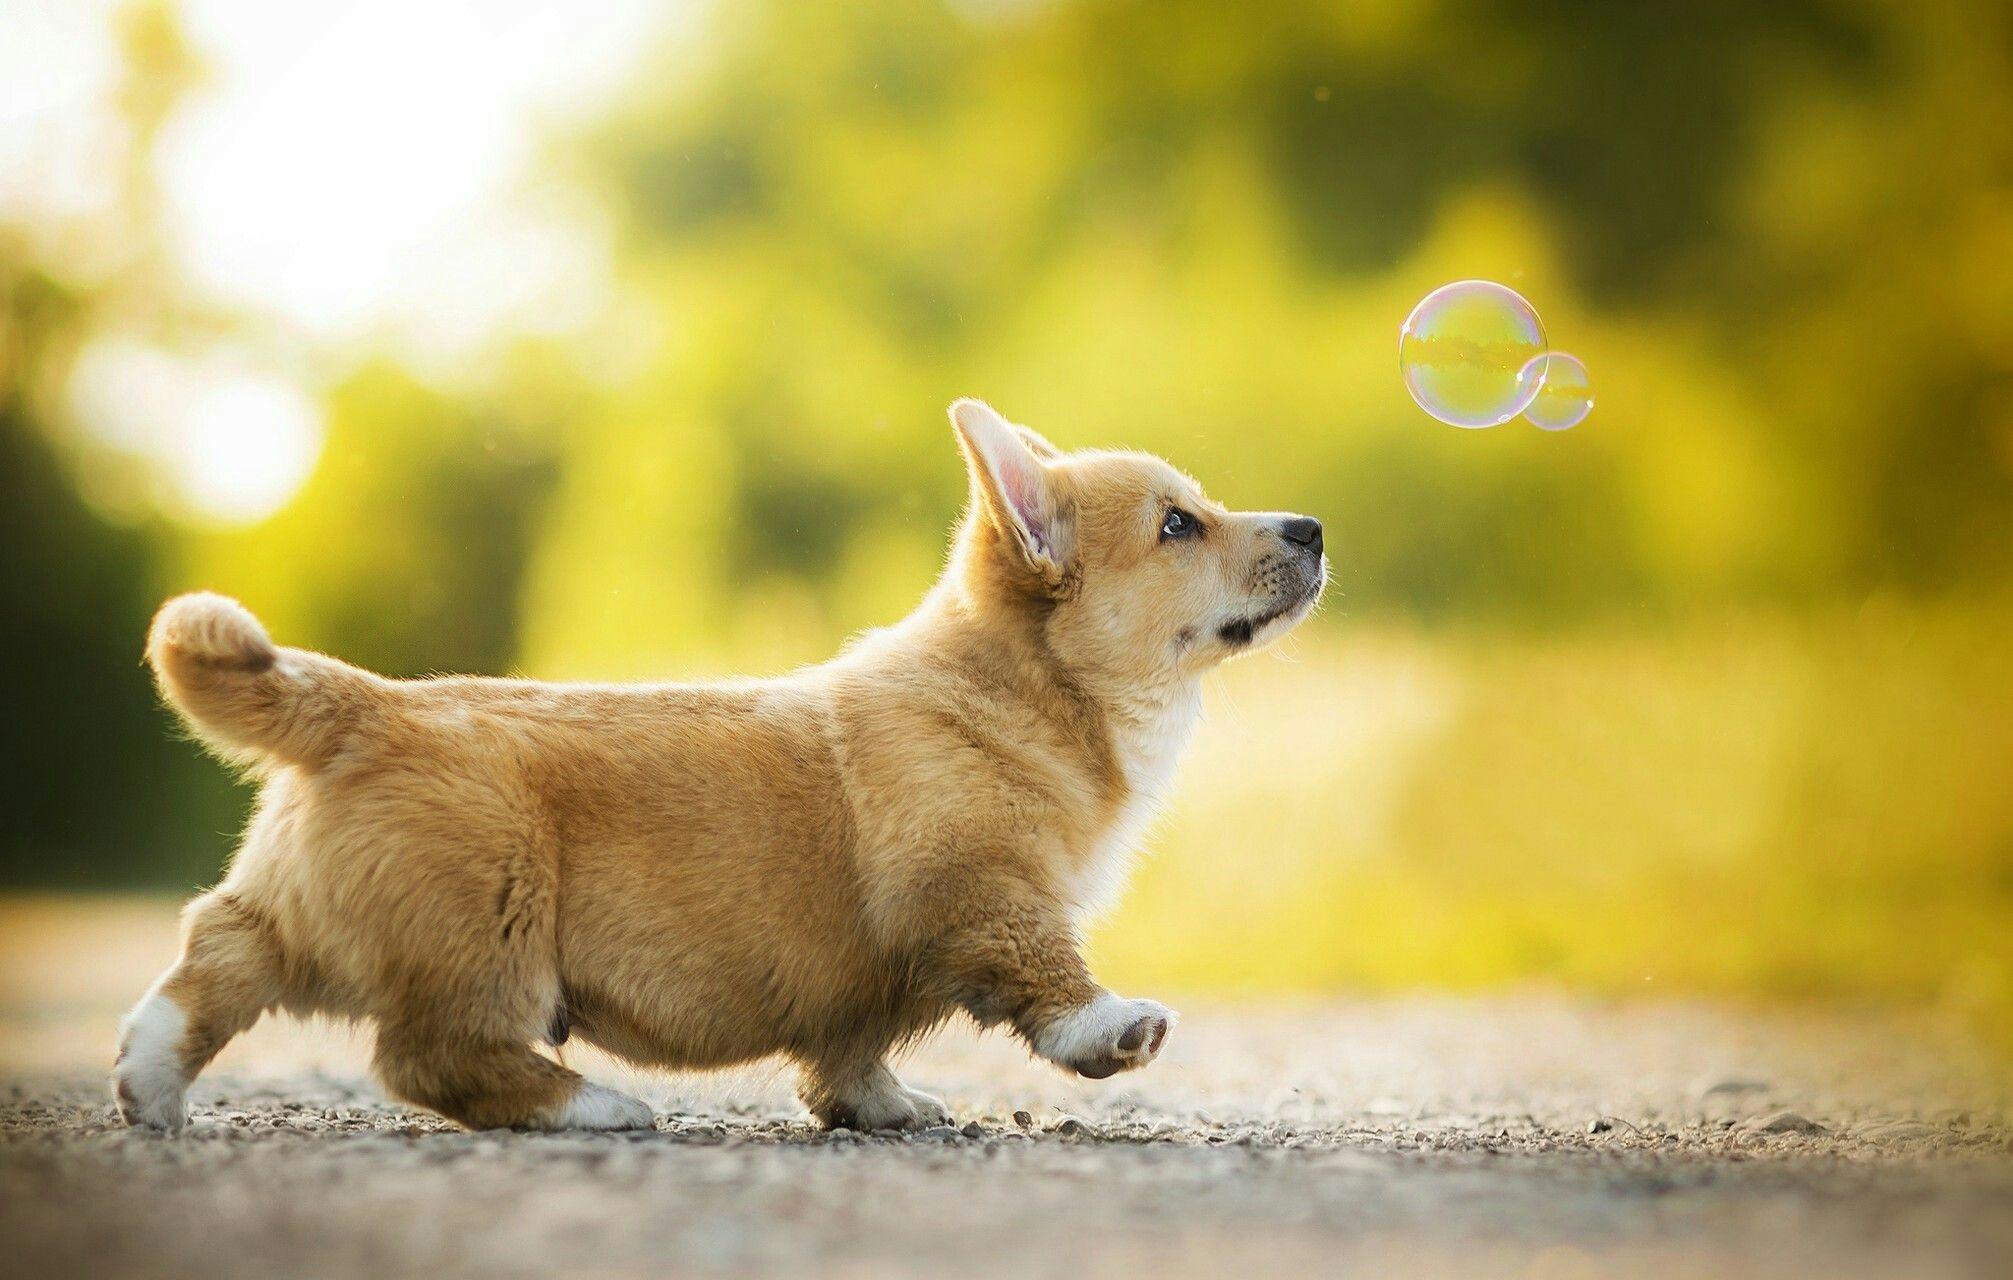 Pin By Angelie On Adorable Animals P Corgi Corgi Dog